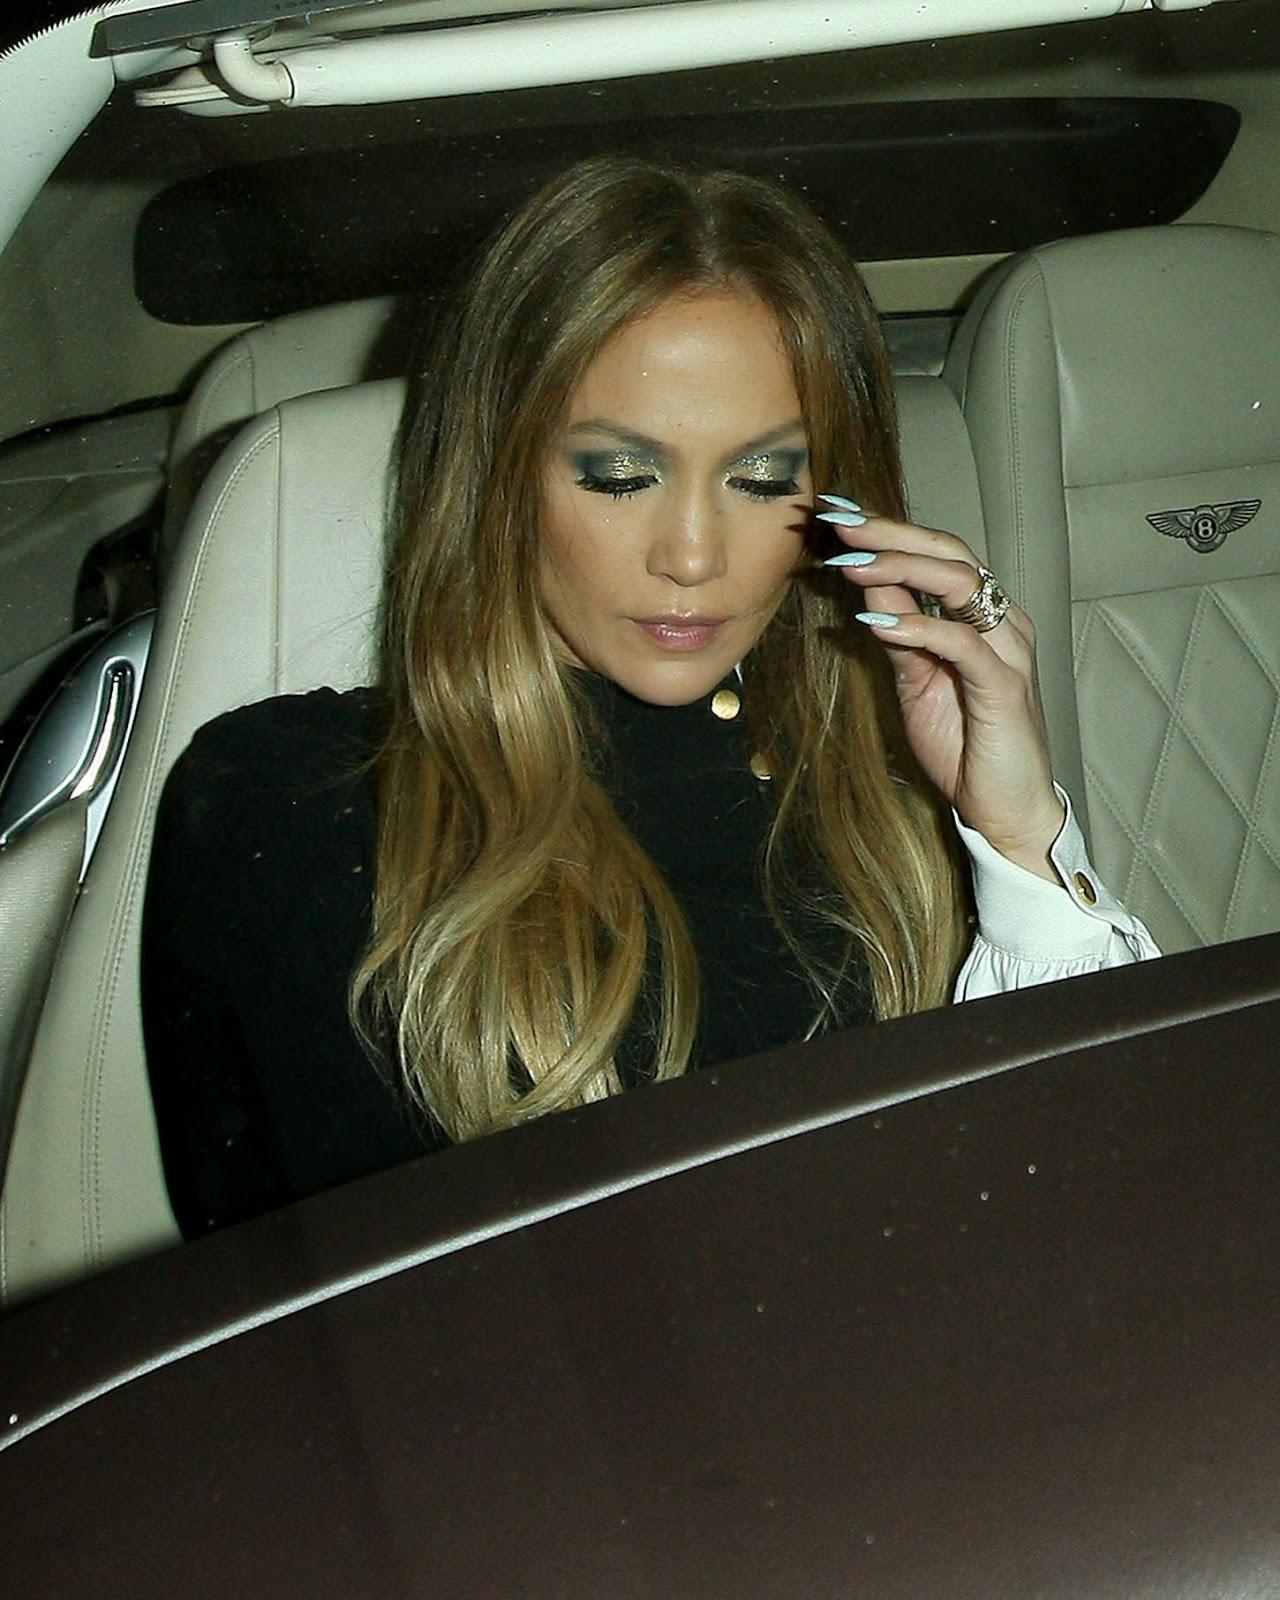 Singer, Actress @ Jennifer Lopez - STK Steakhouse in LA in short Dress